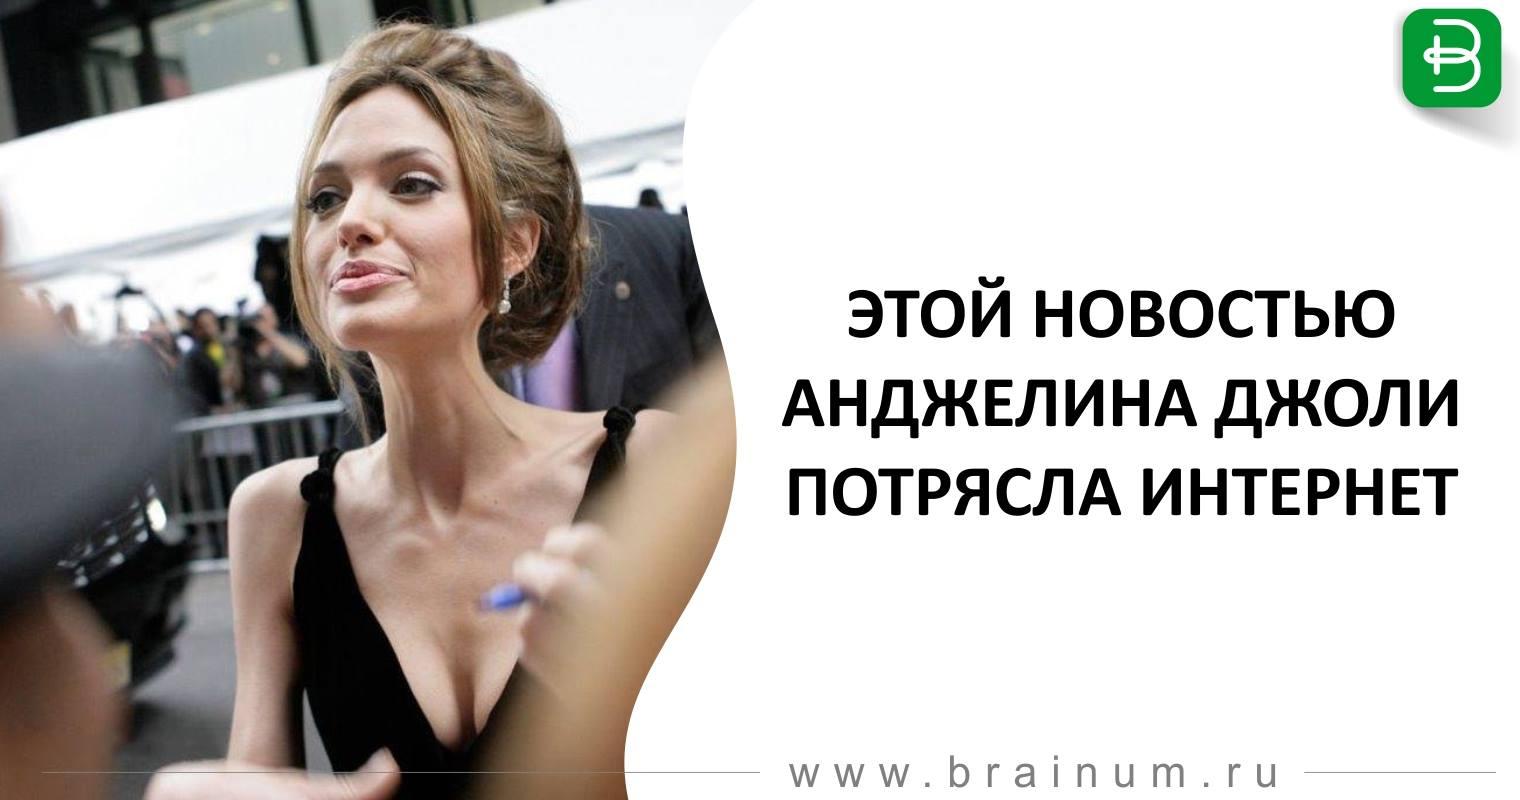 Этой новостью Анджелина Джоли потрясла интернет новые фото